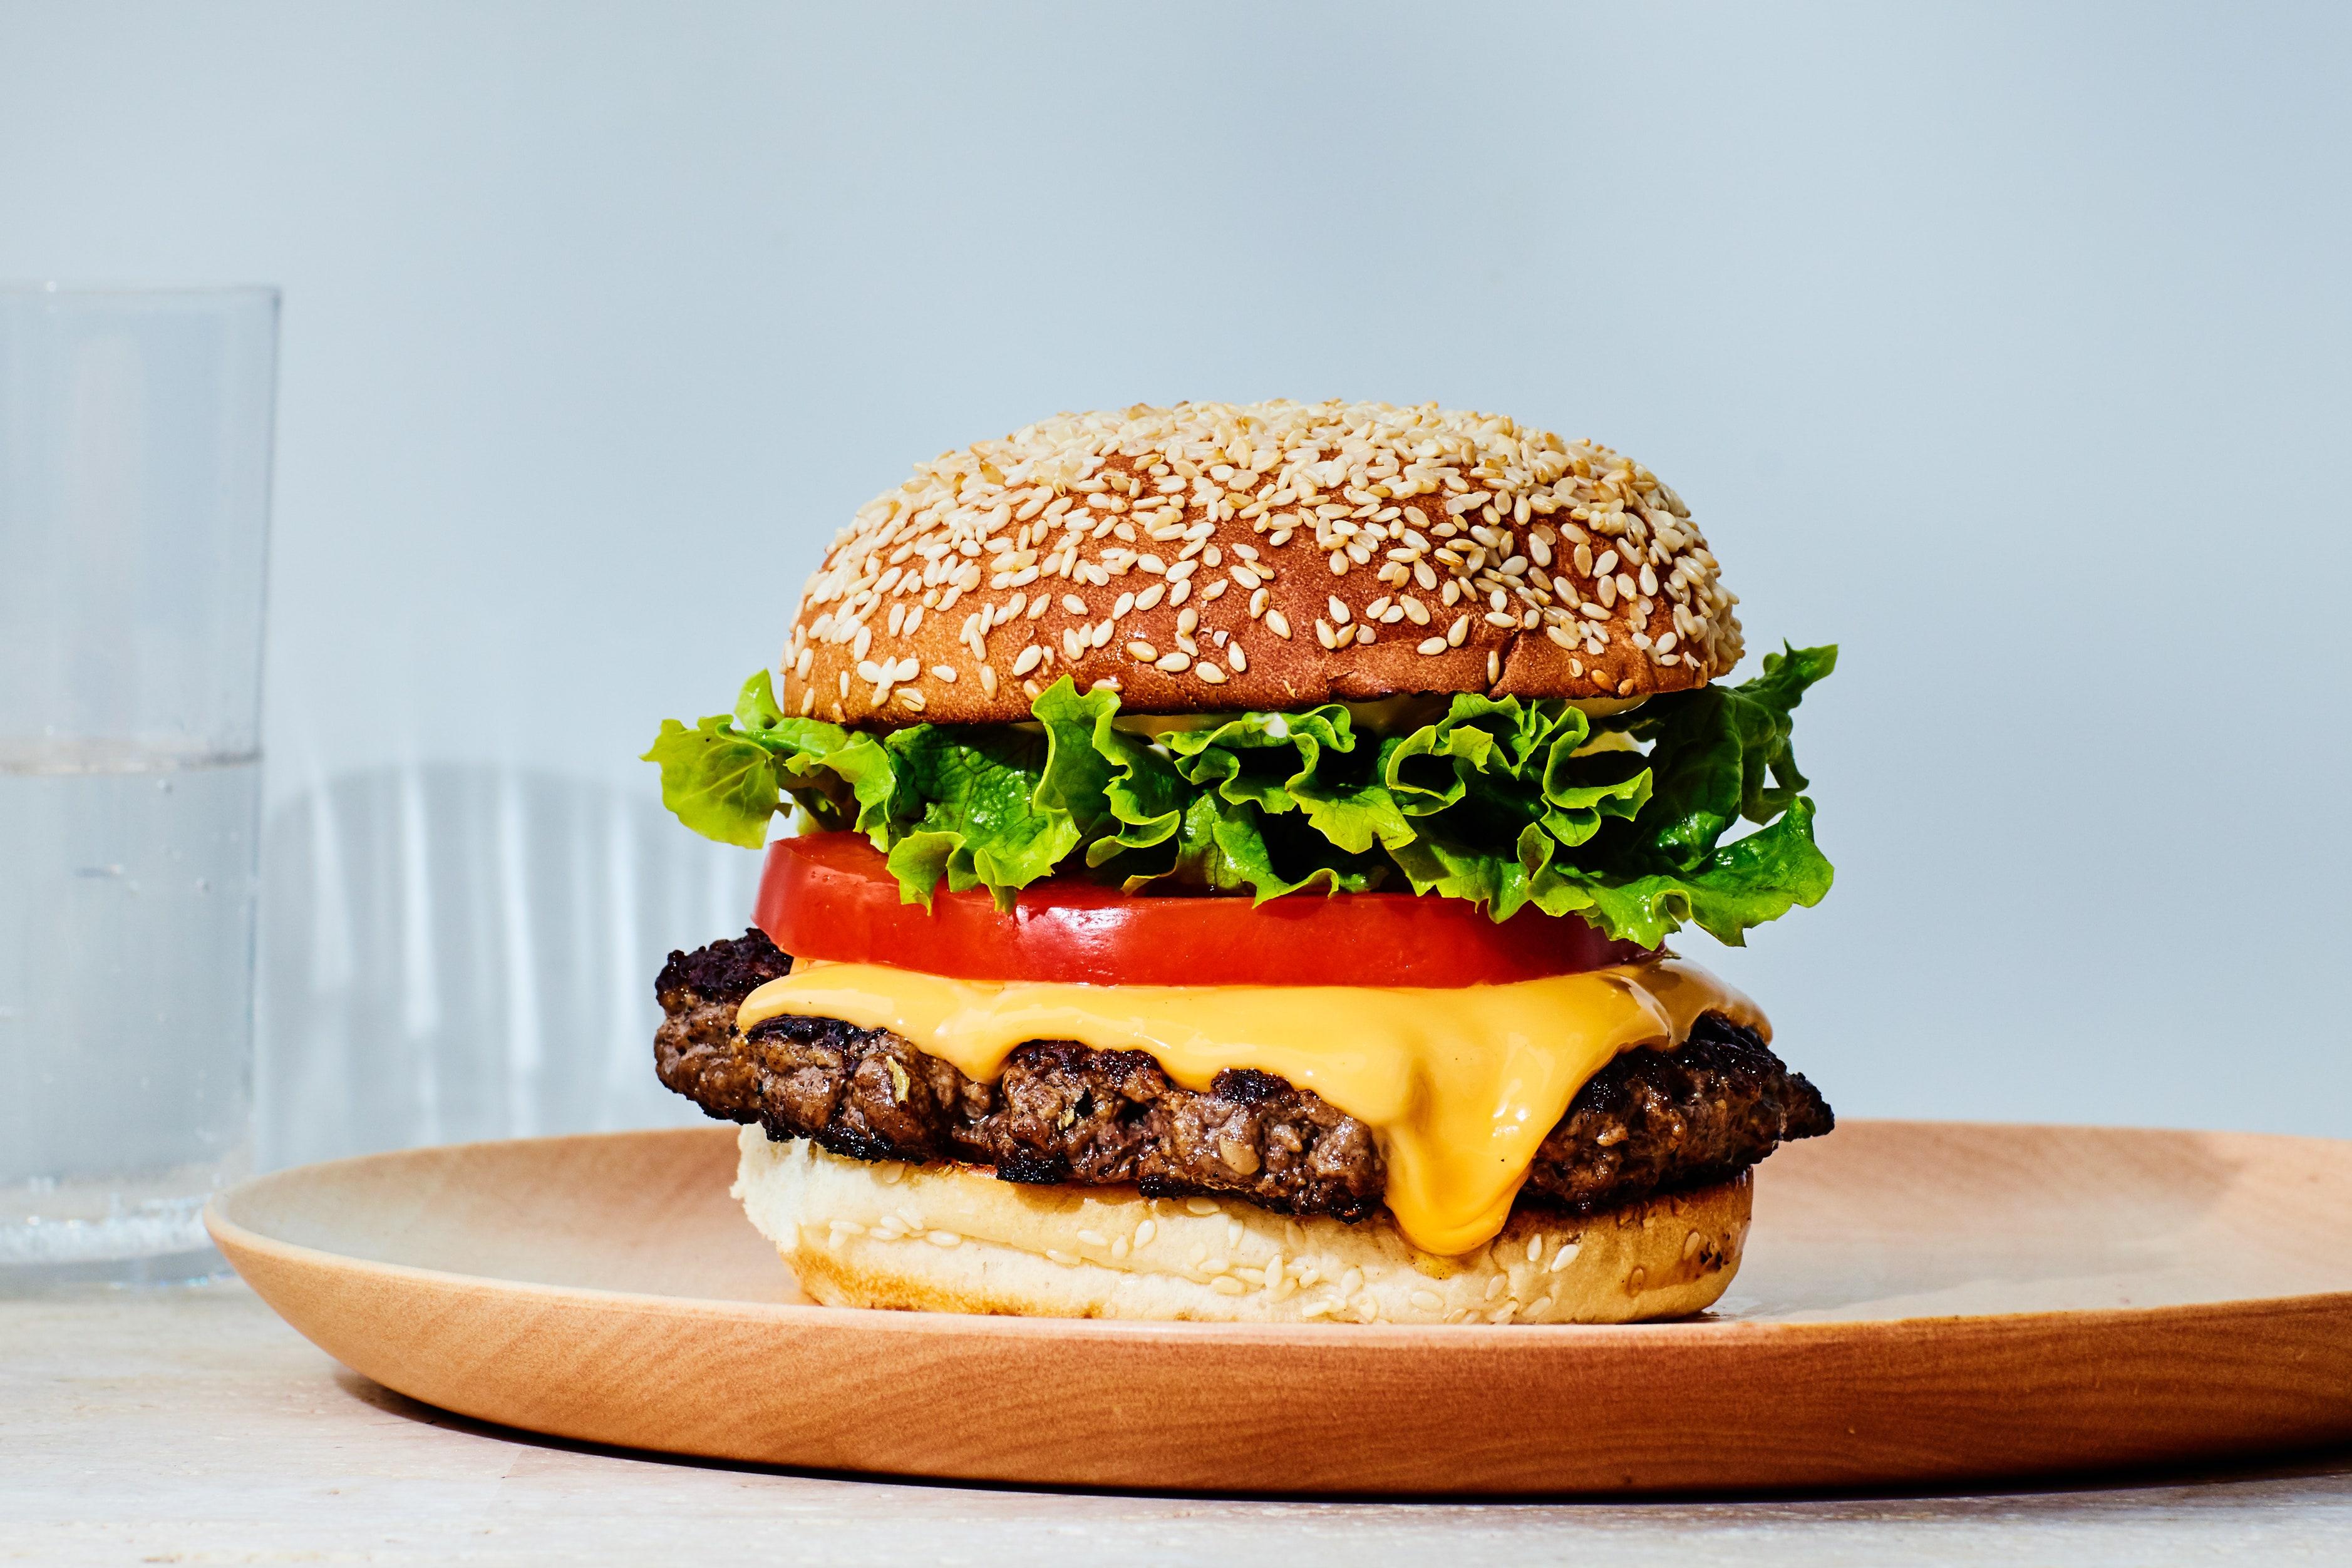 American Legion Build a Burger Day